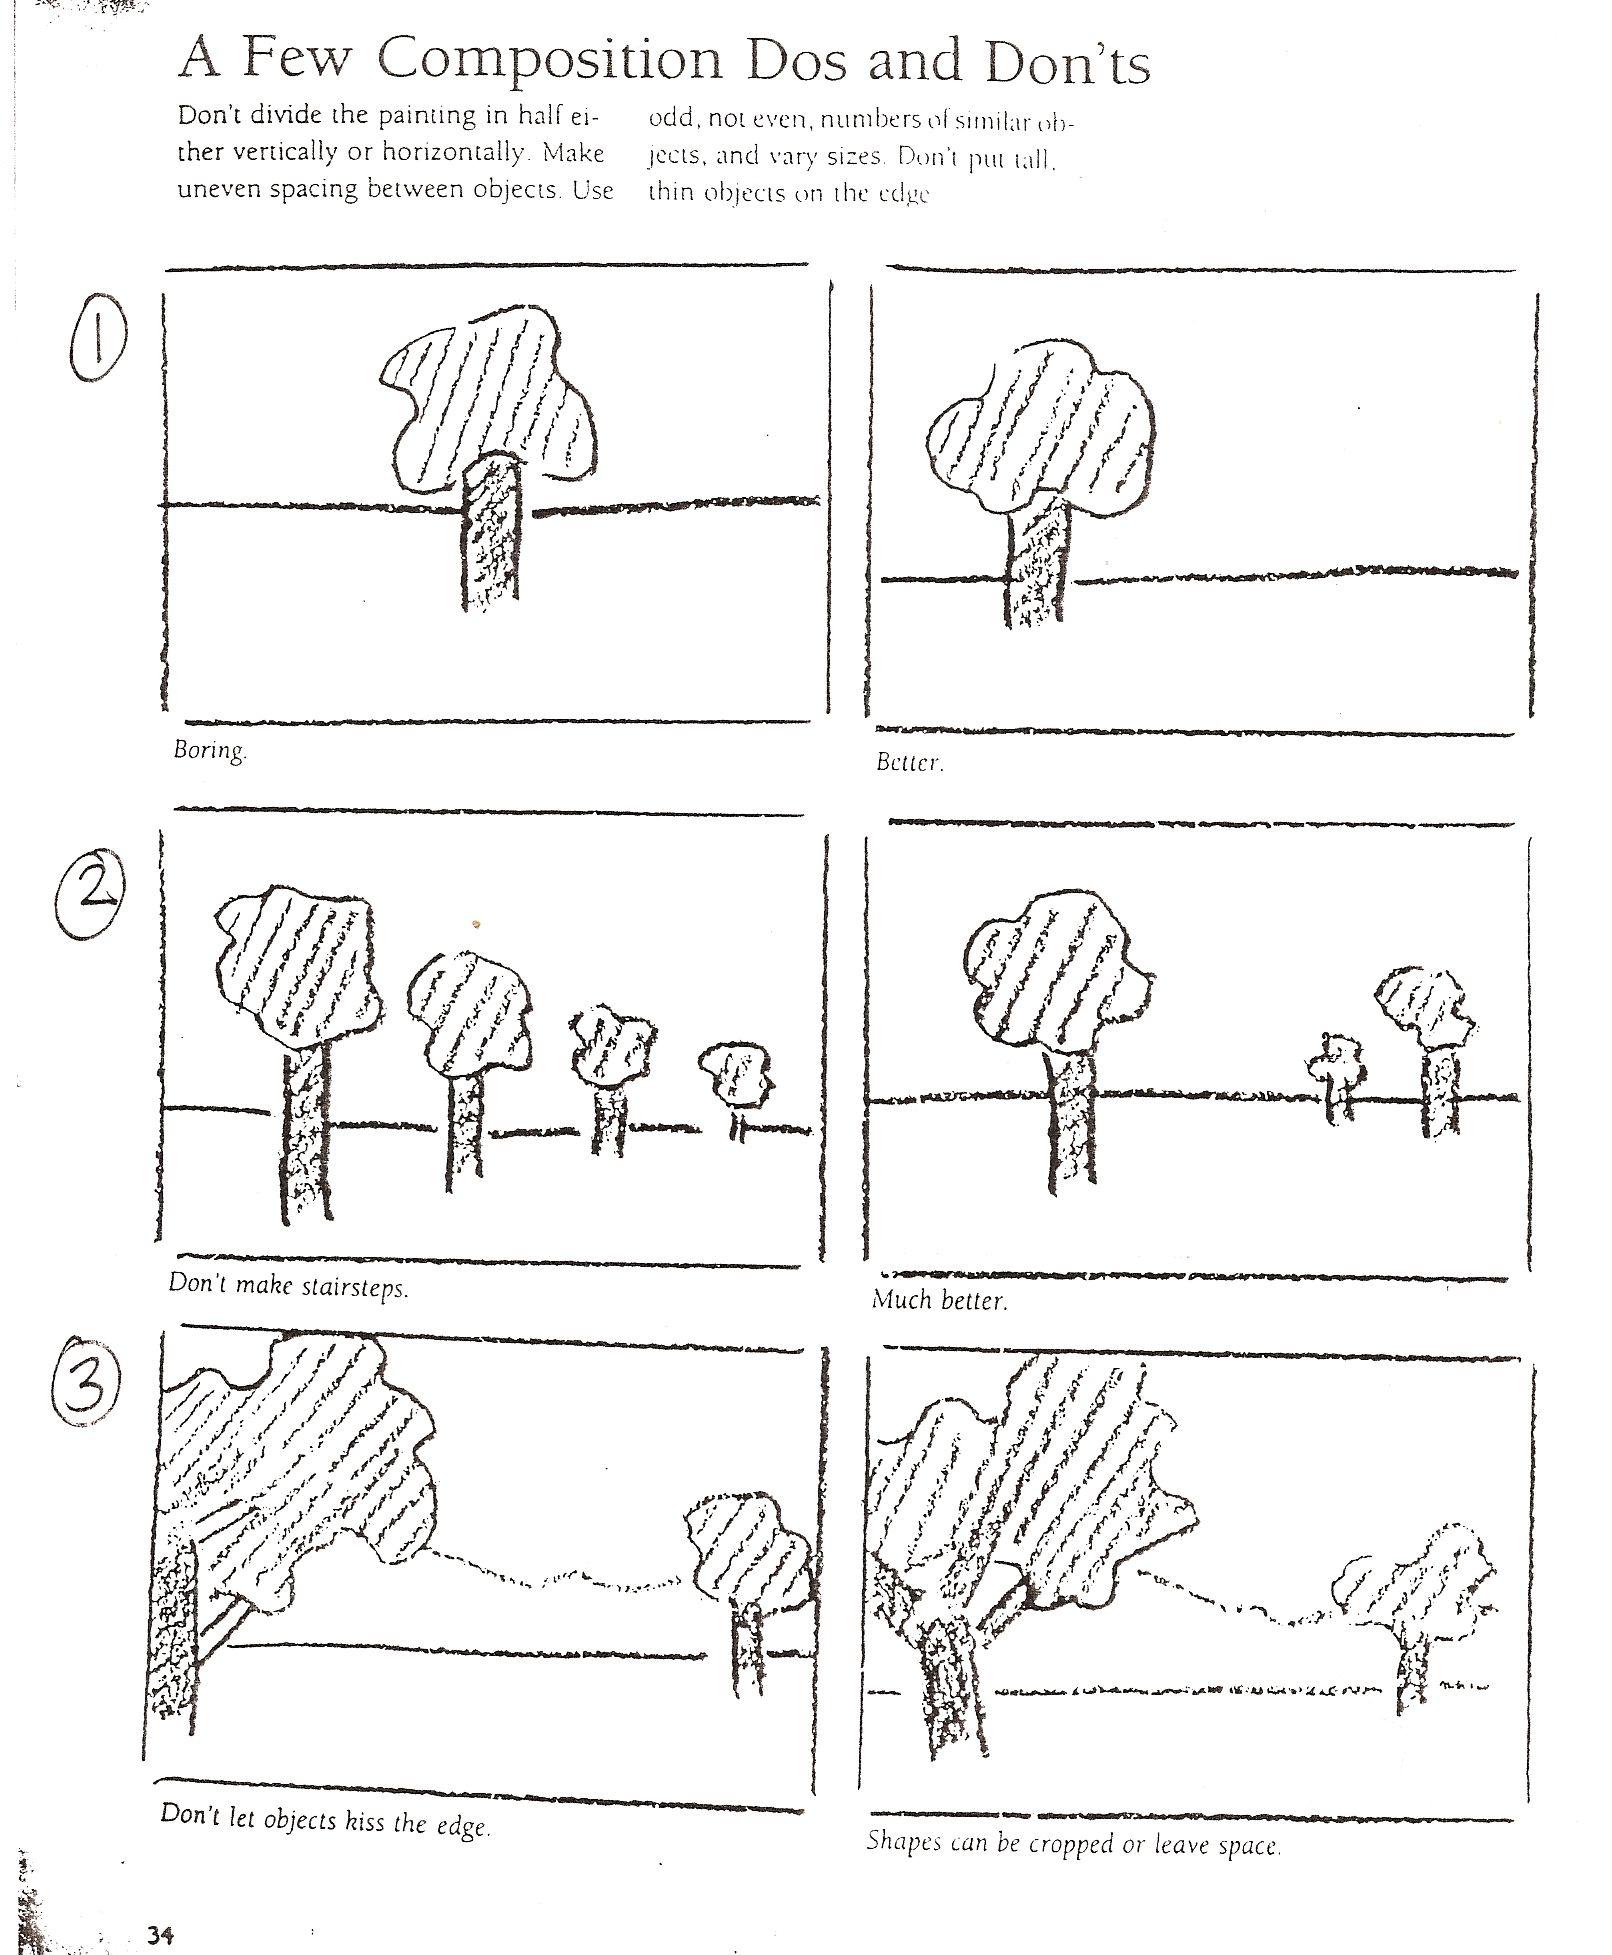 art lessons composition notes art handouts worksheets pinterest composition art lessons. Black Bedroom Furniture Sets. Home Design Ideas